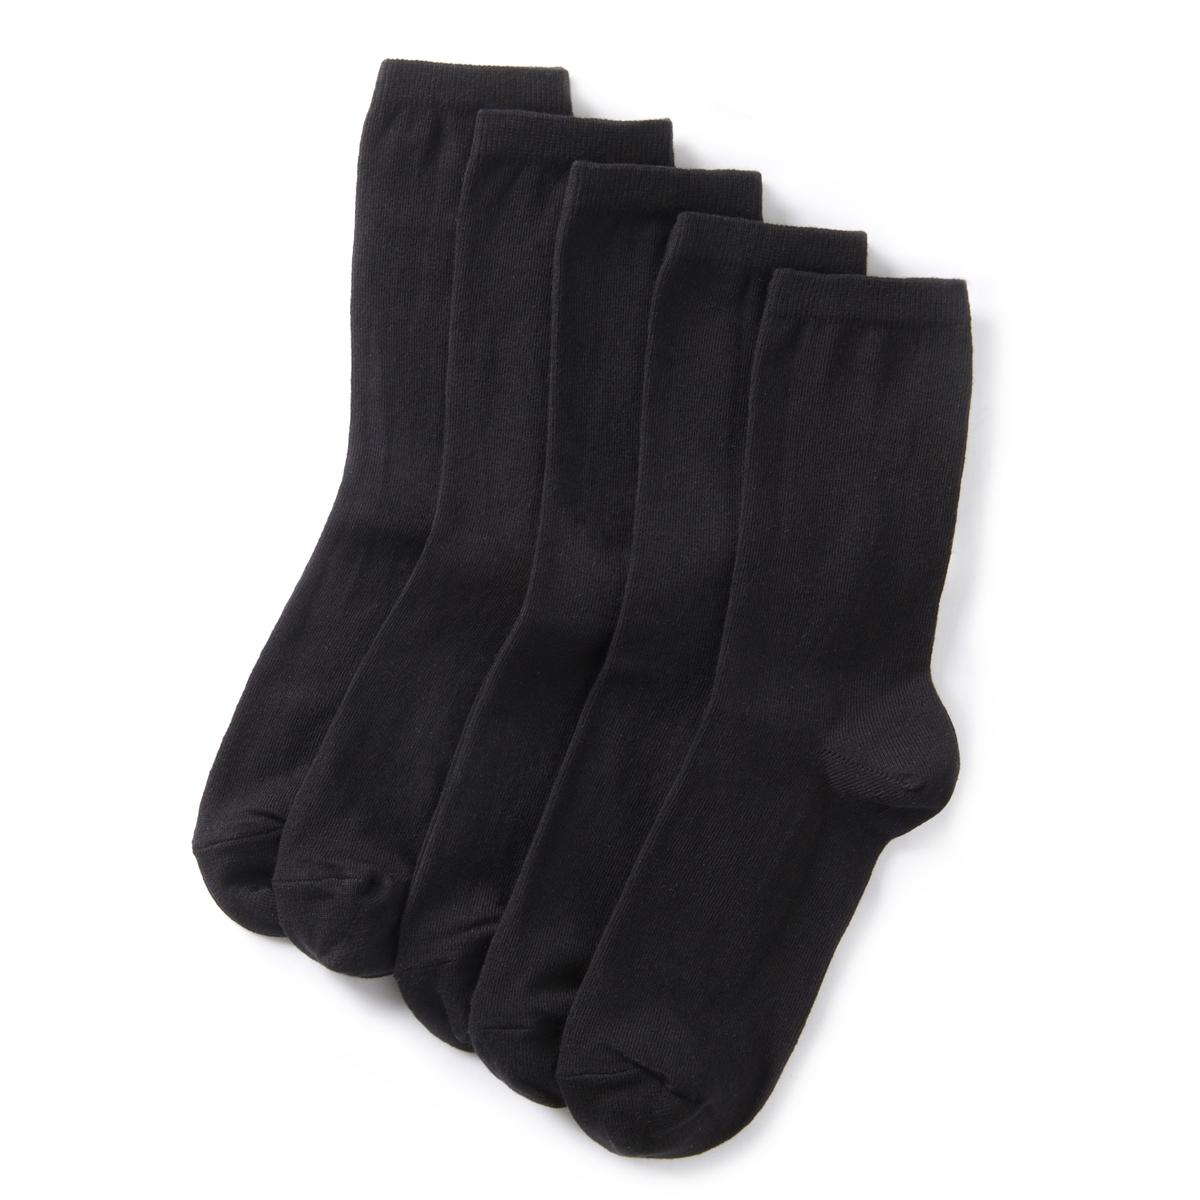 Комплект из 5 пар однотонных коротких носков комплект из 5 пар коротких носков из хлопка